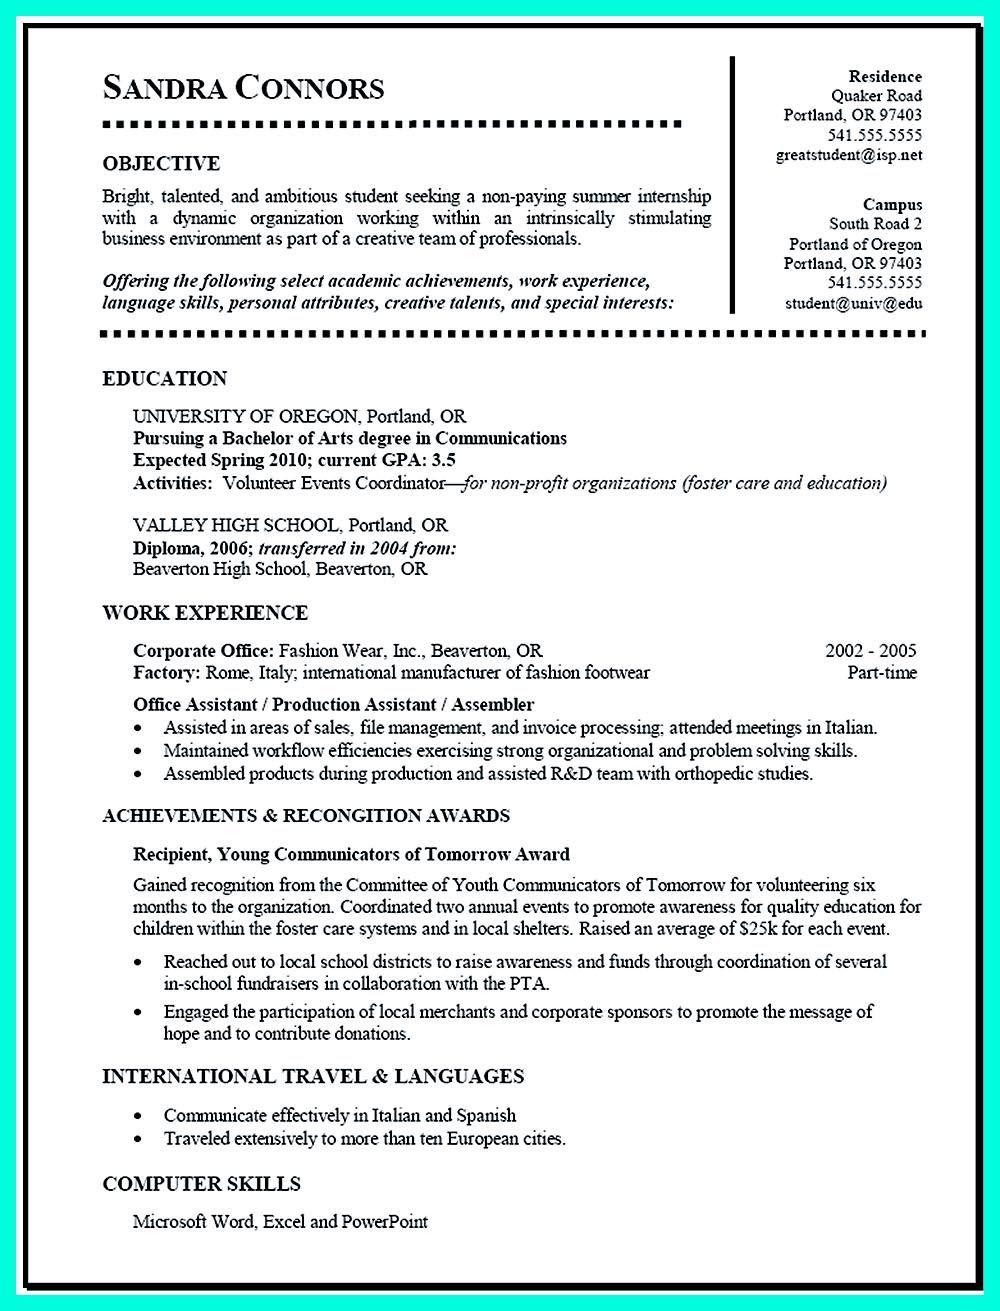 Resume For Internship | Resume For Internship Student Www Buzznow Tk